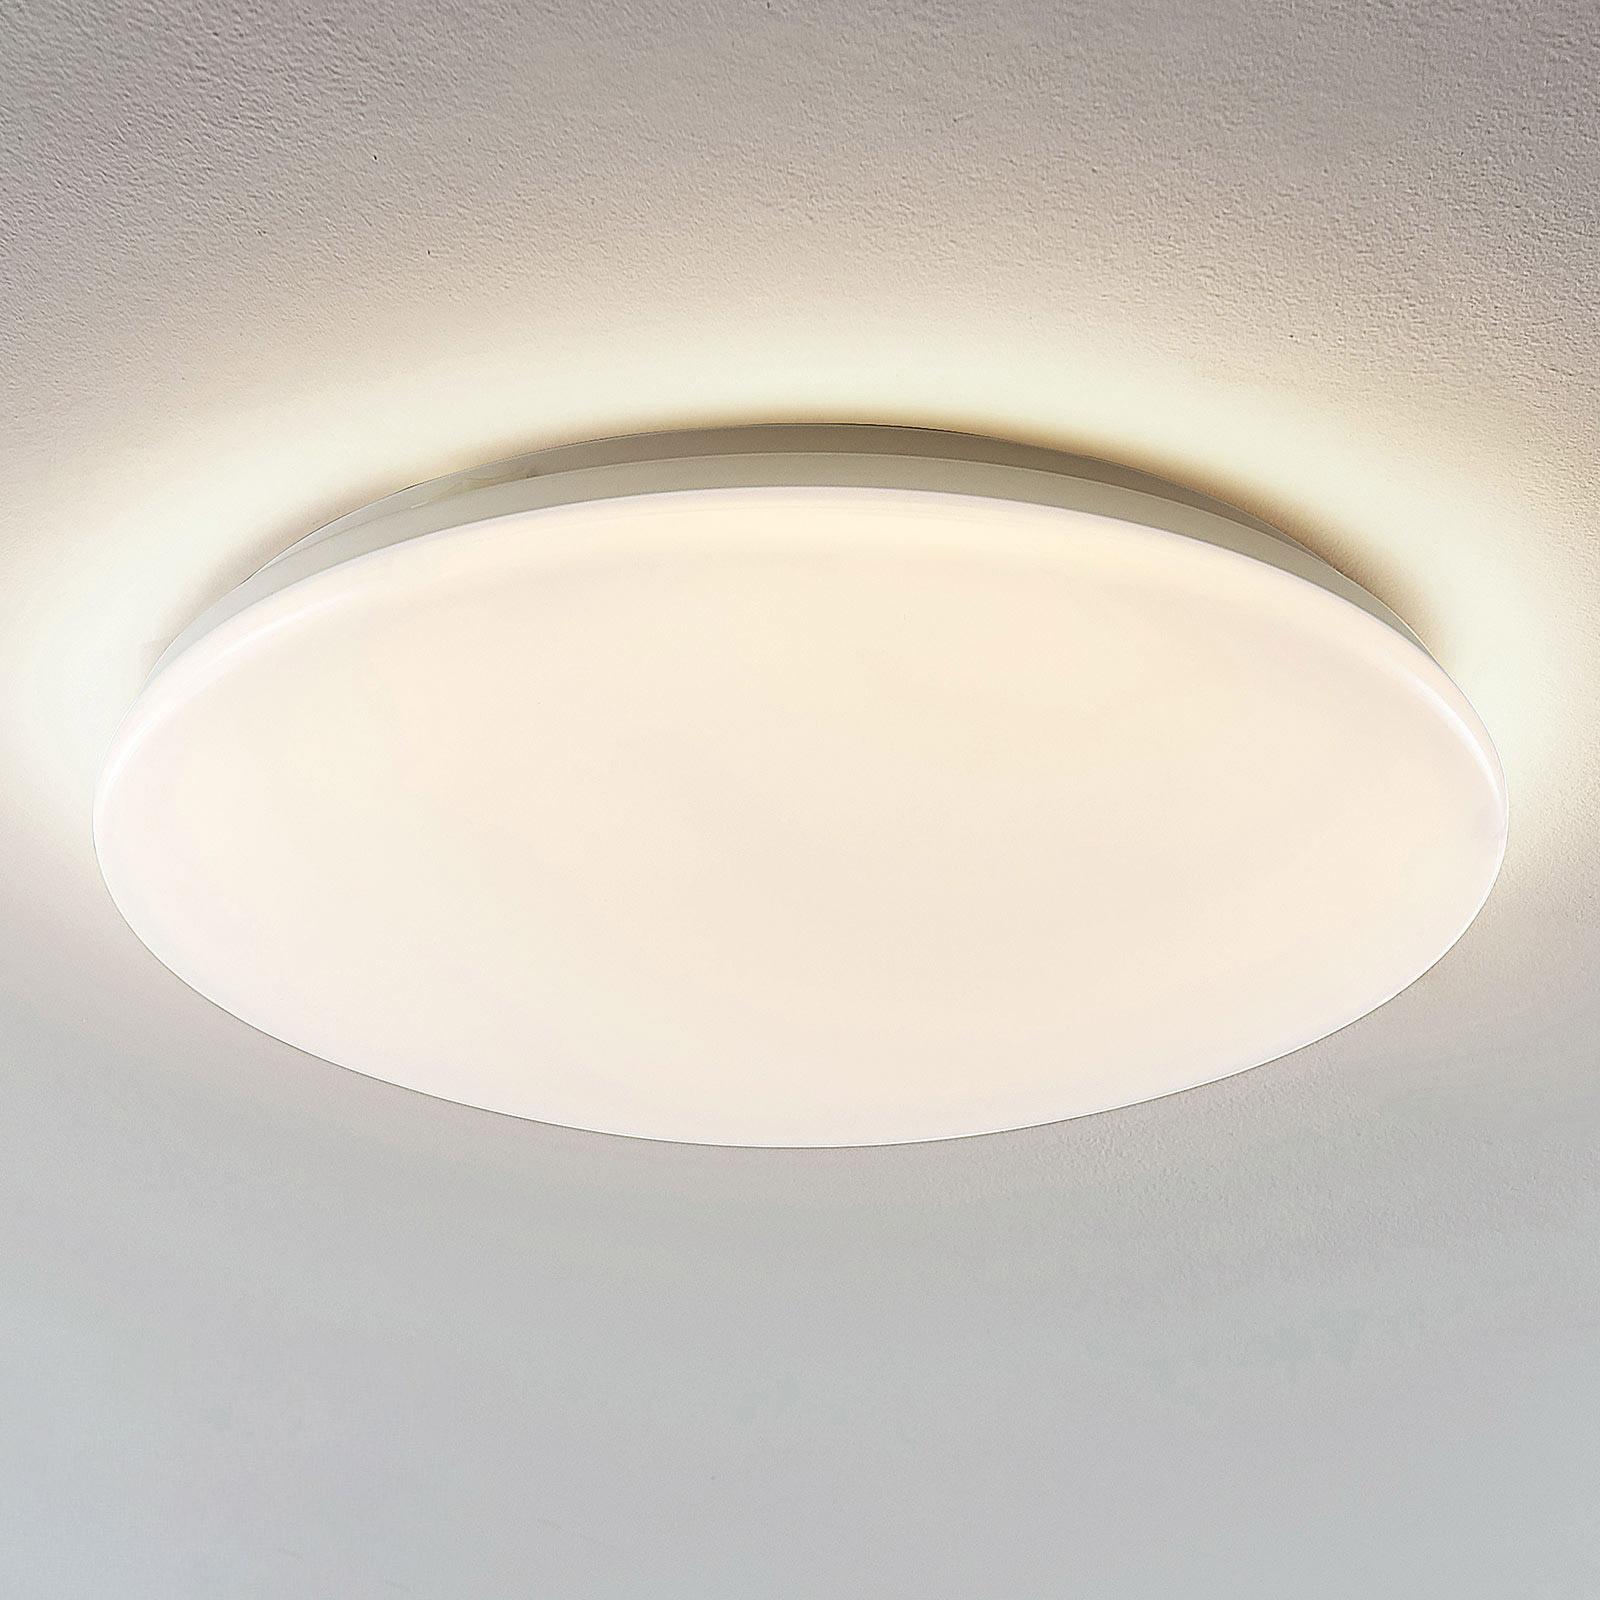 LED-Deckenleuchte Indika, Farbwechsel CCT, rund